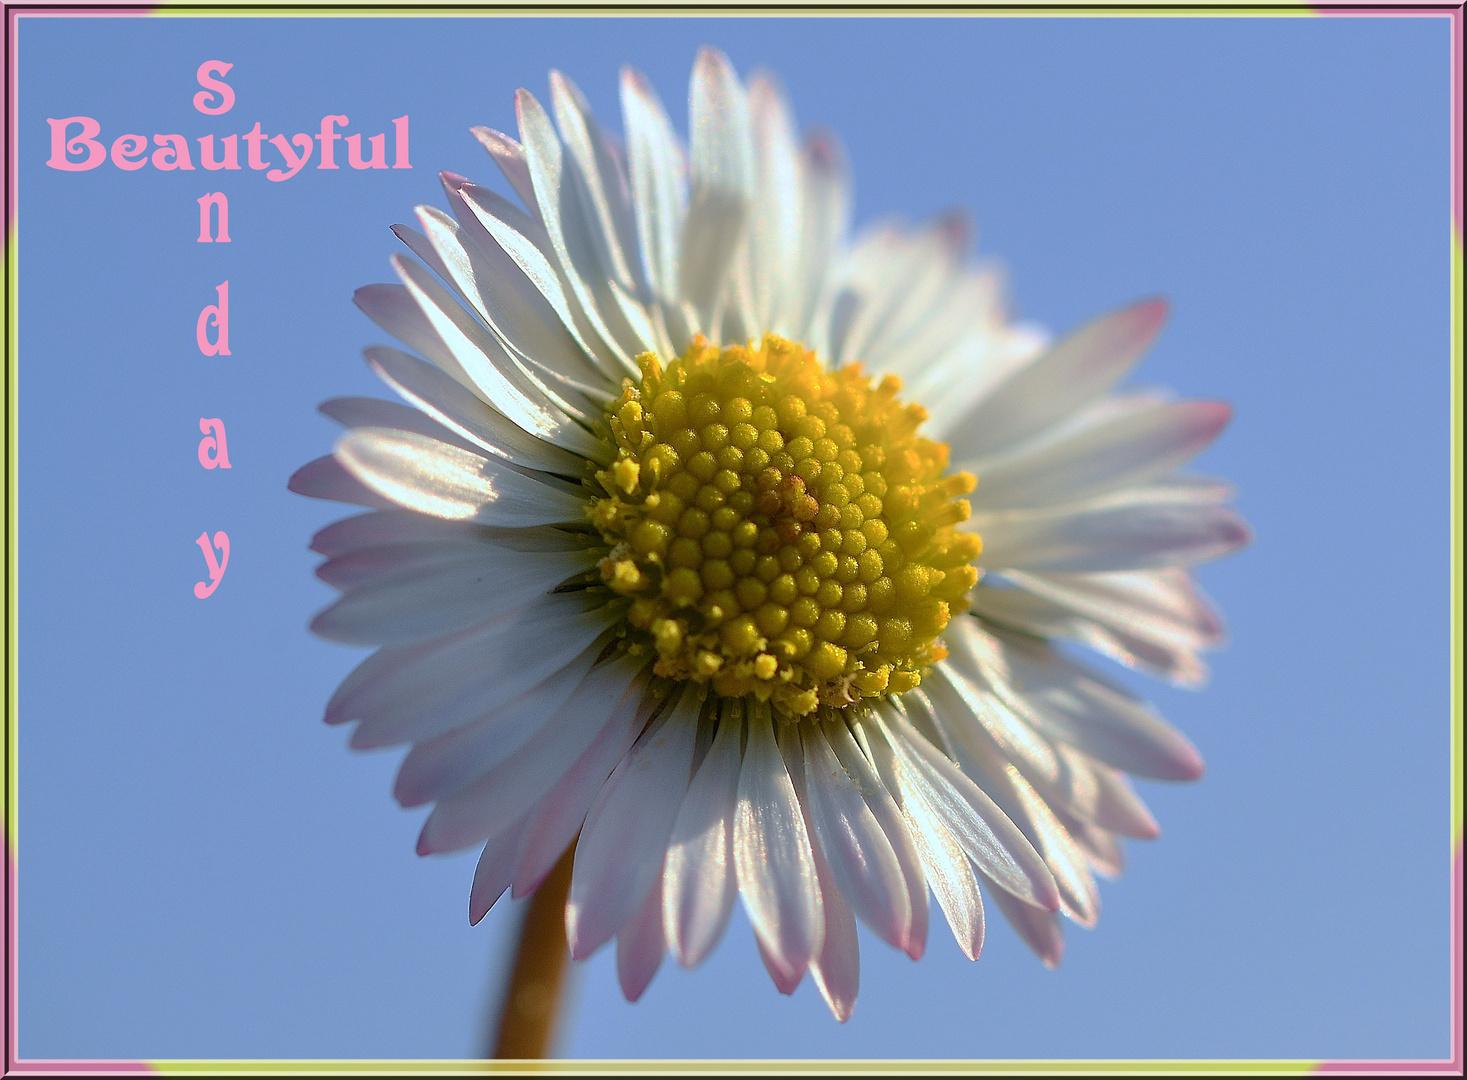 Beautyful Sunday